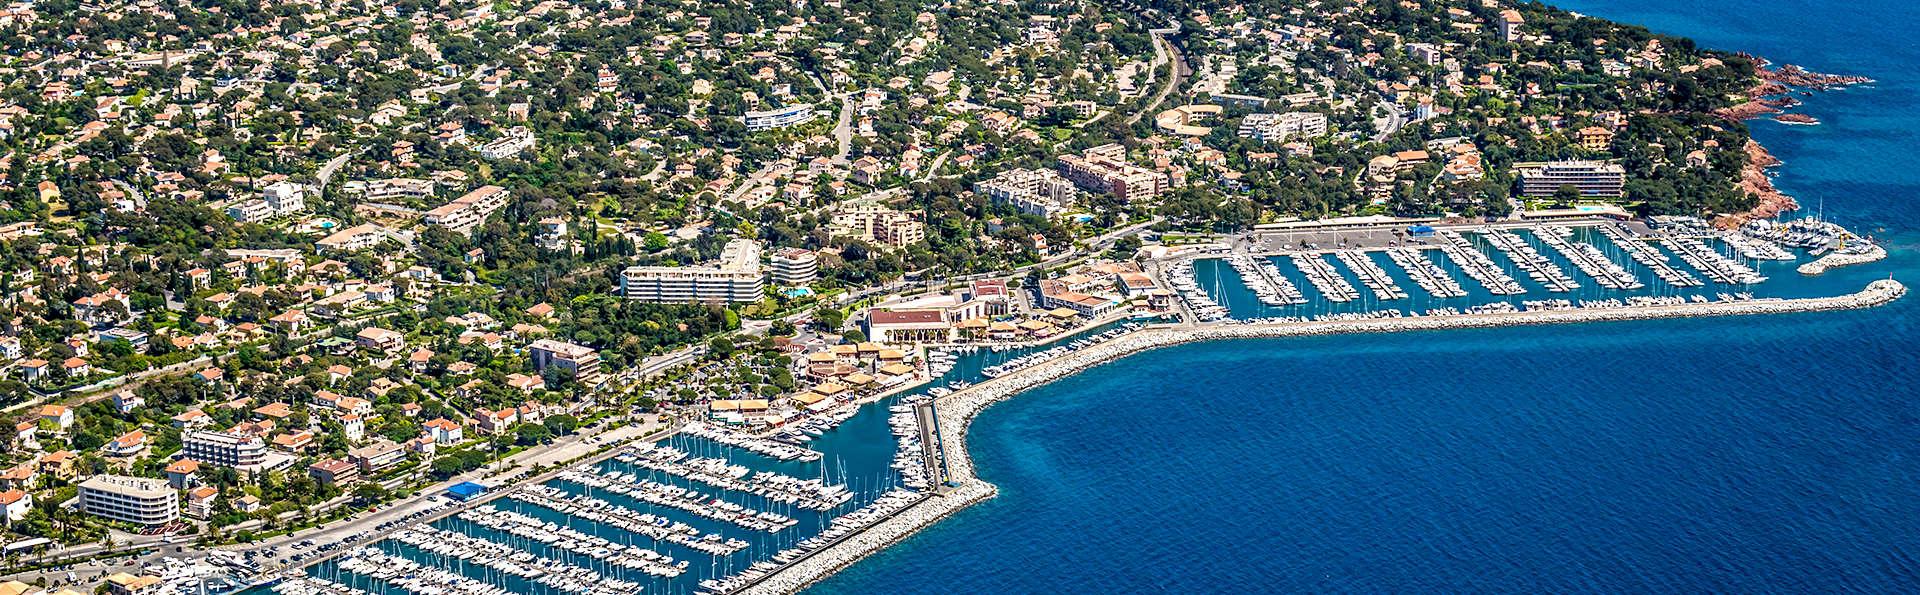 Best Western Plus La Marina - EDIT_NEW_VIEW.jpg